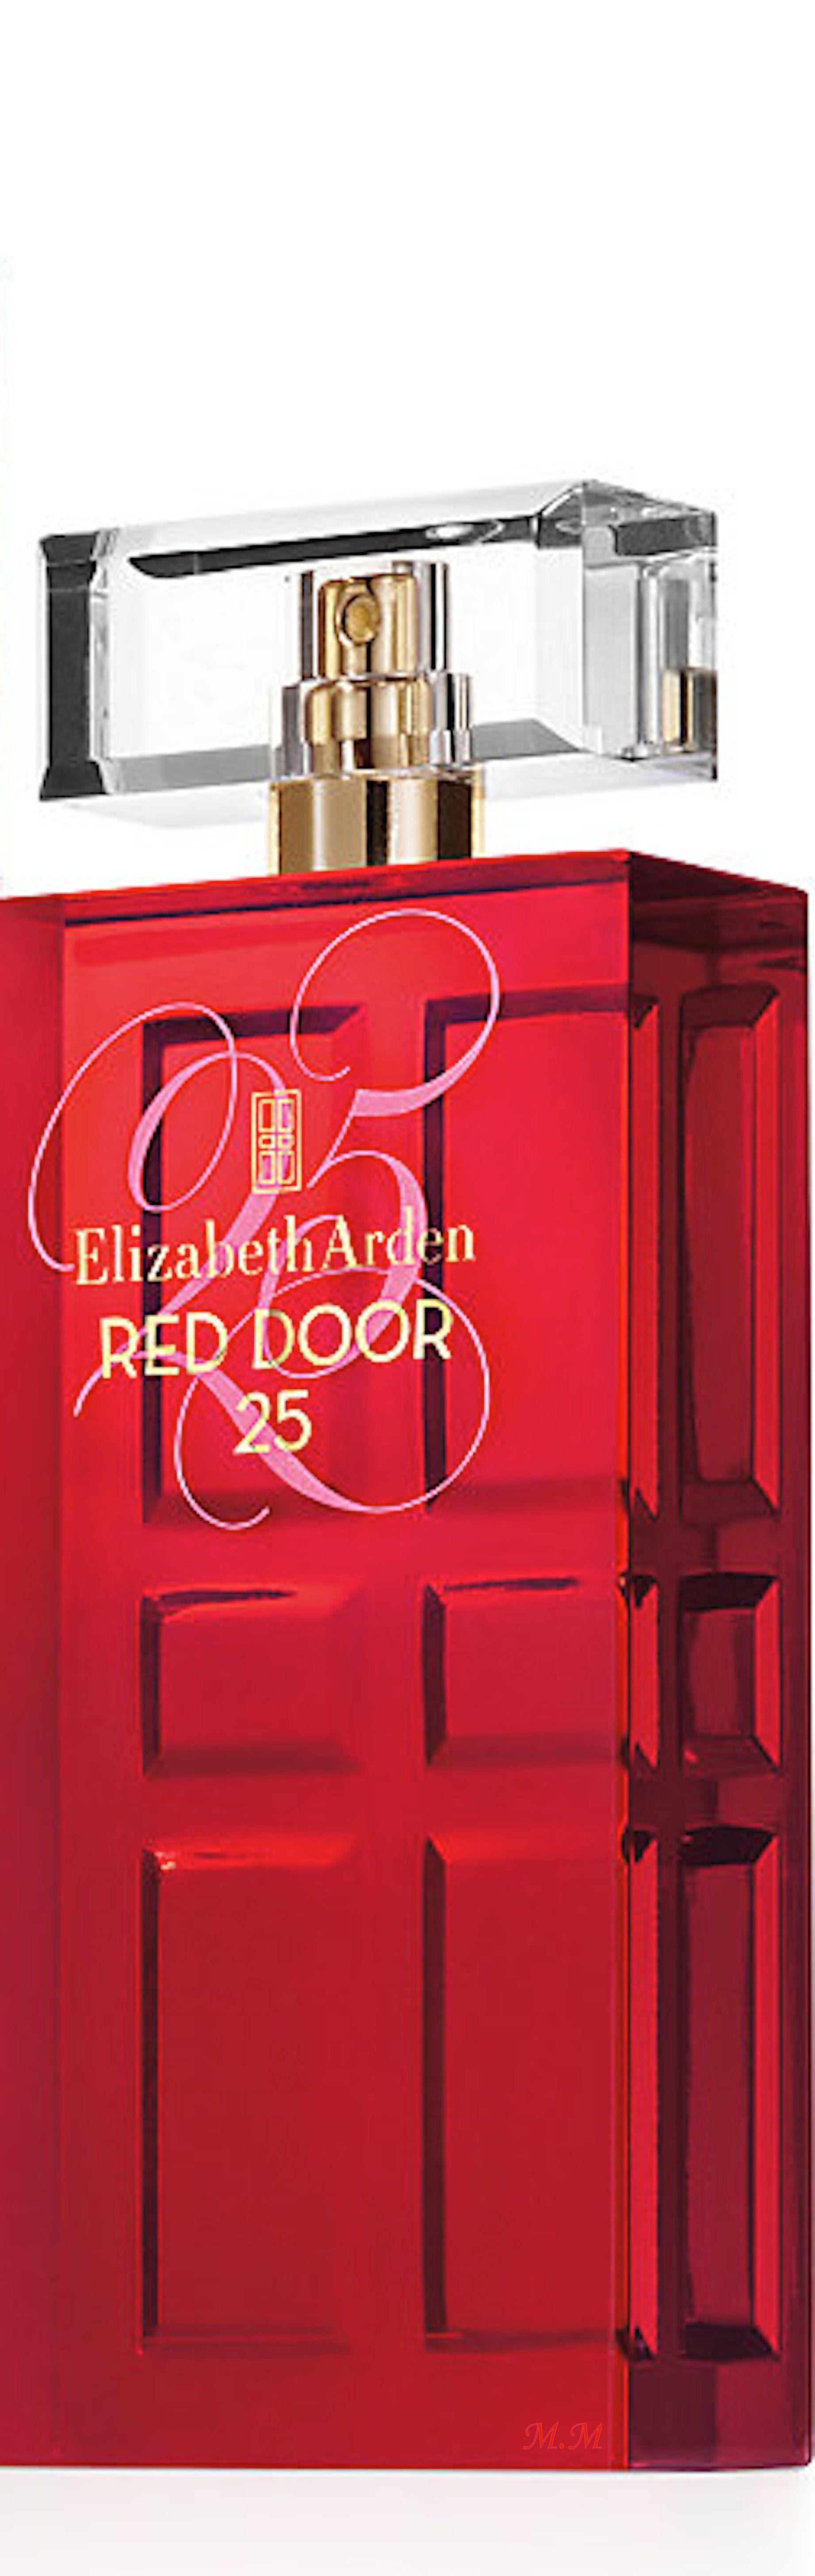 Red Door Elizabeth Arden De Dama Red Door Elizabeth Arden De Dama